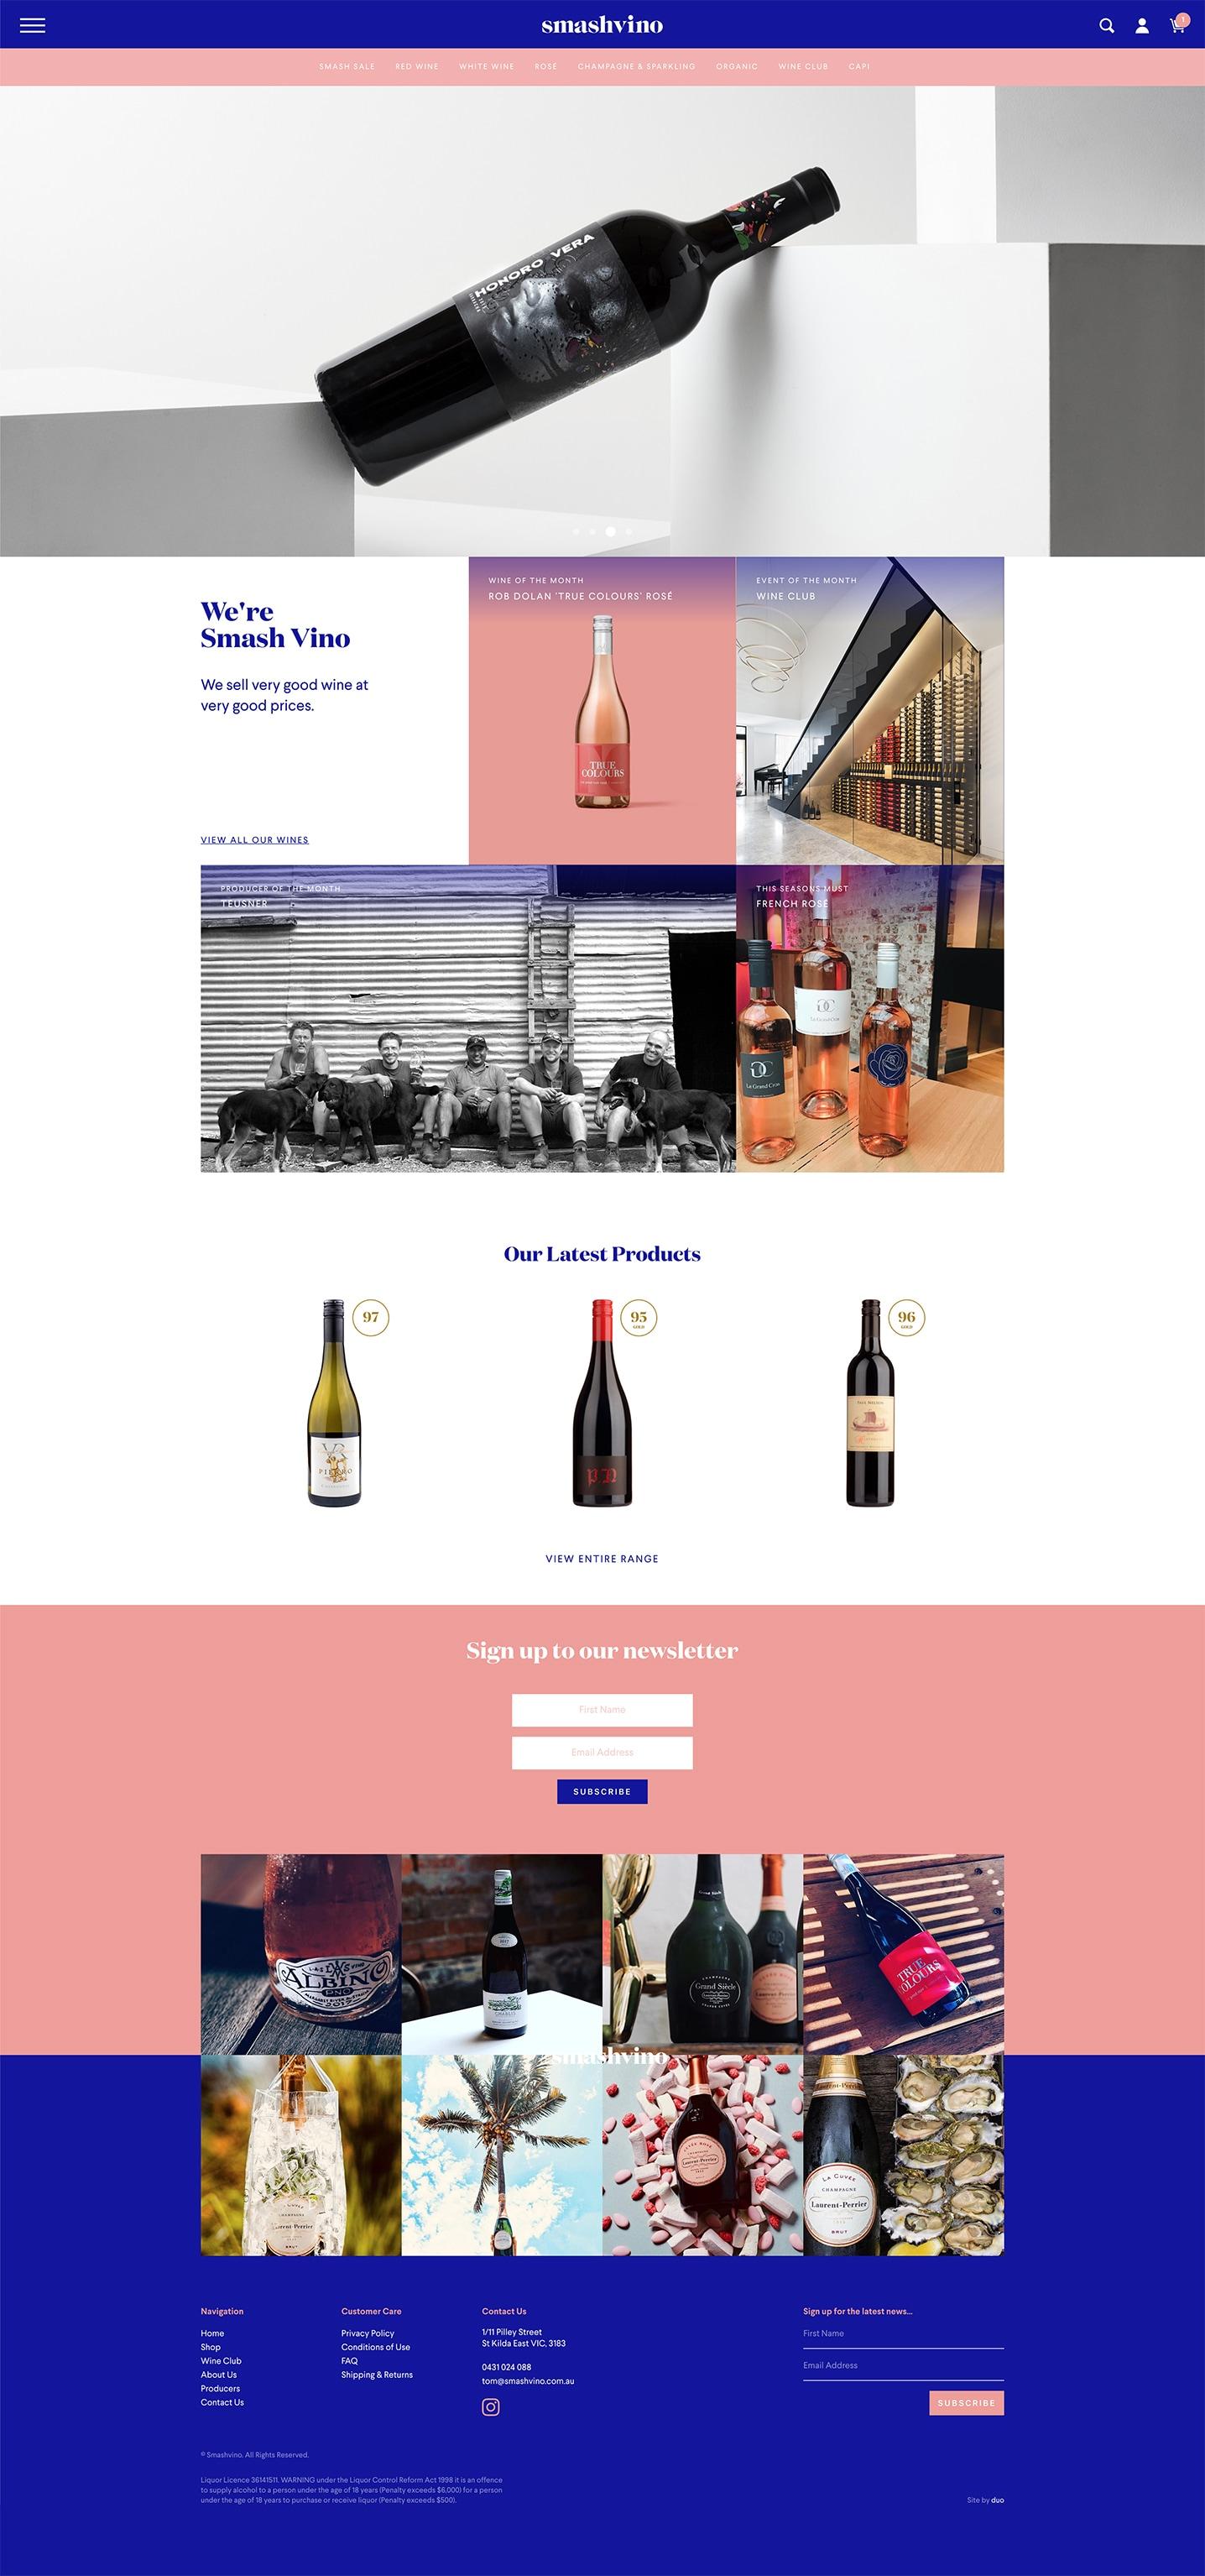 Smash Vino - Home Page